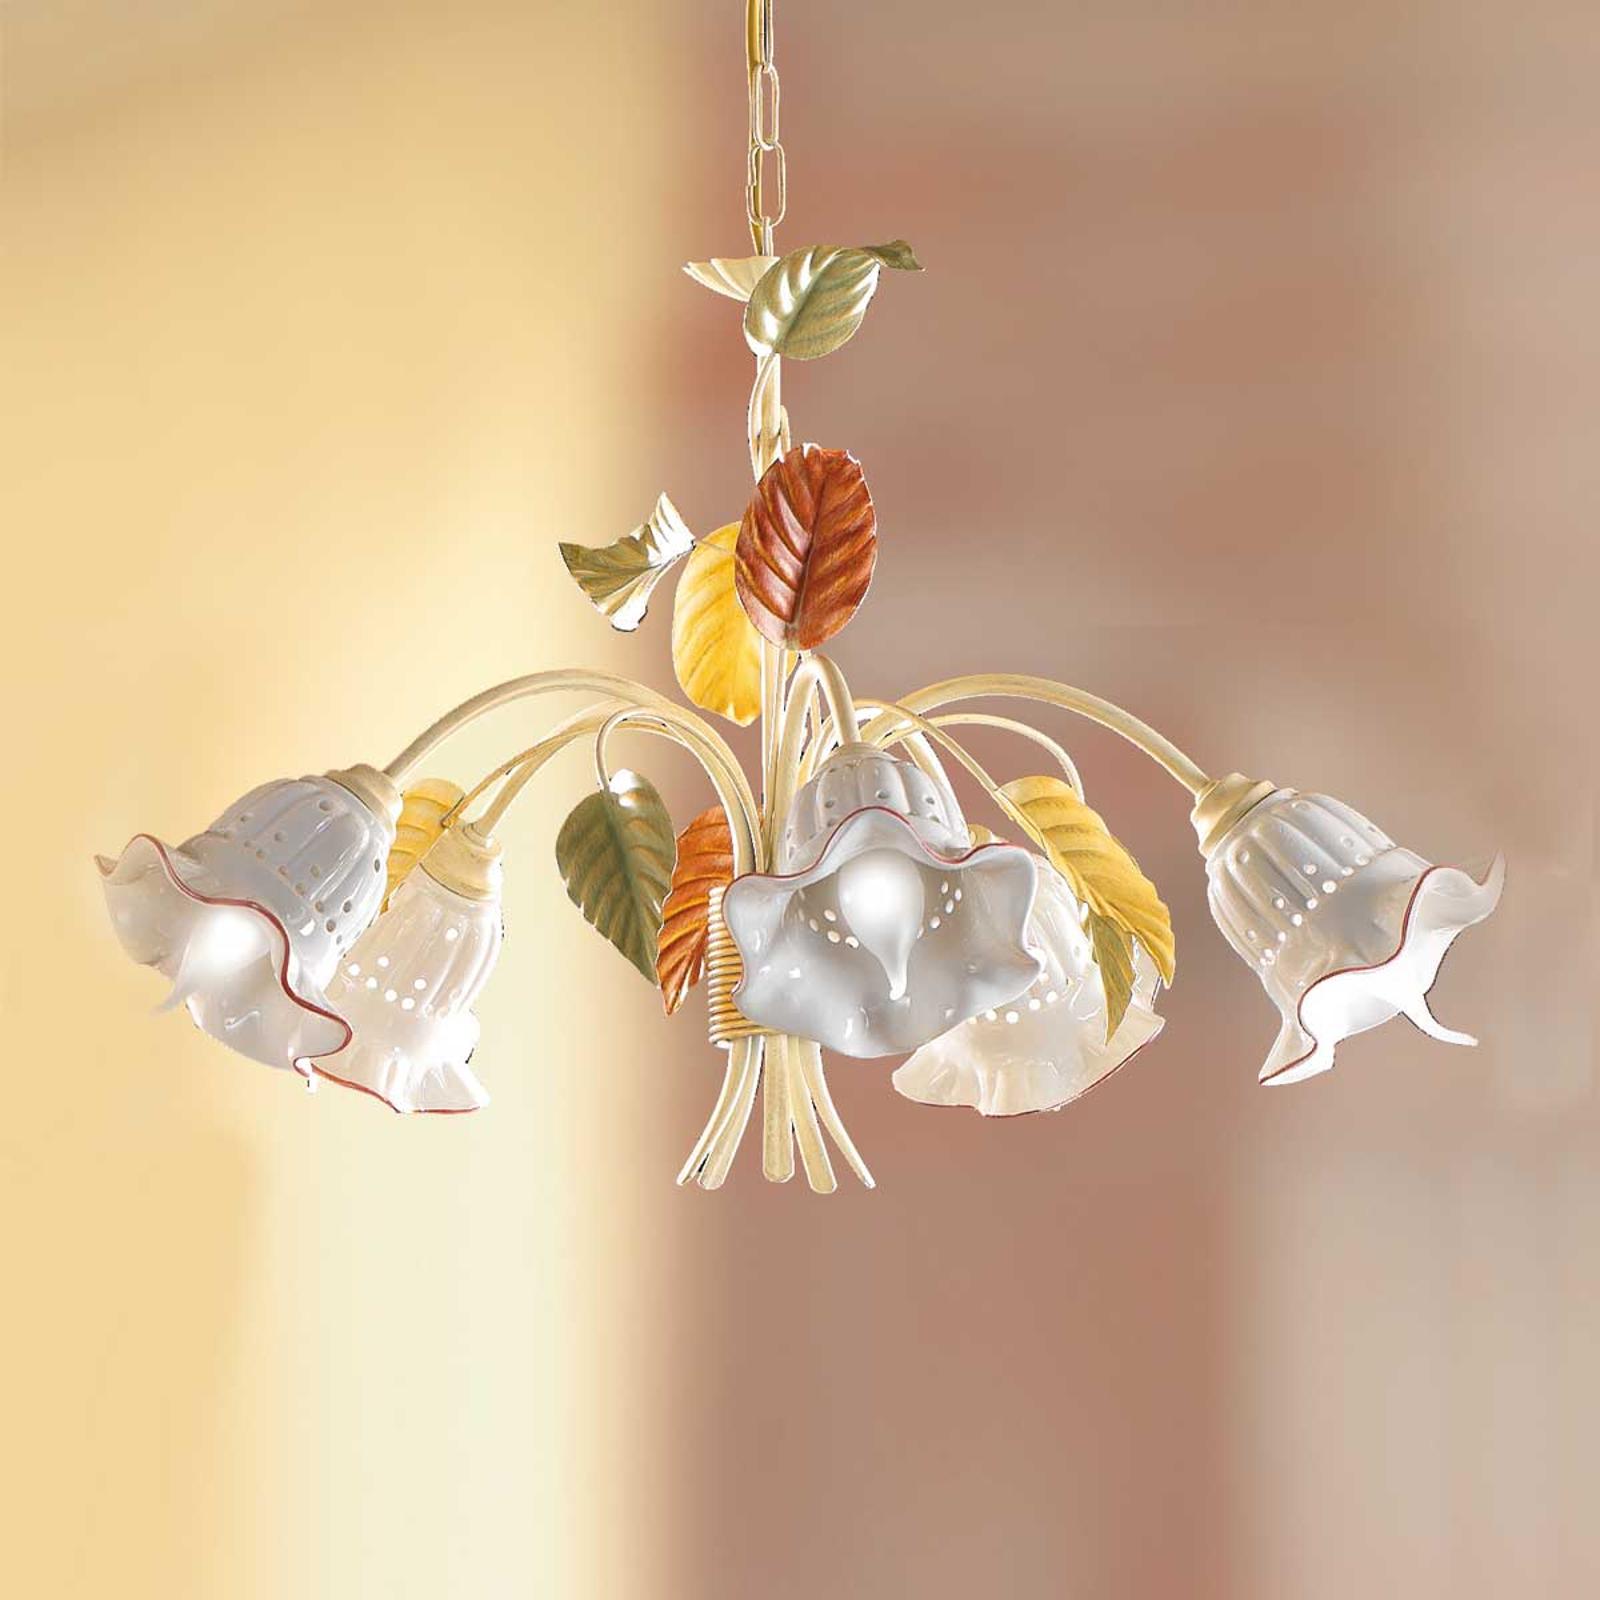 Flora hængelampe i florentinsk stil, 5 lyskilder